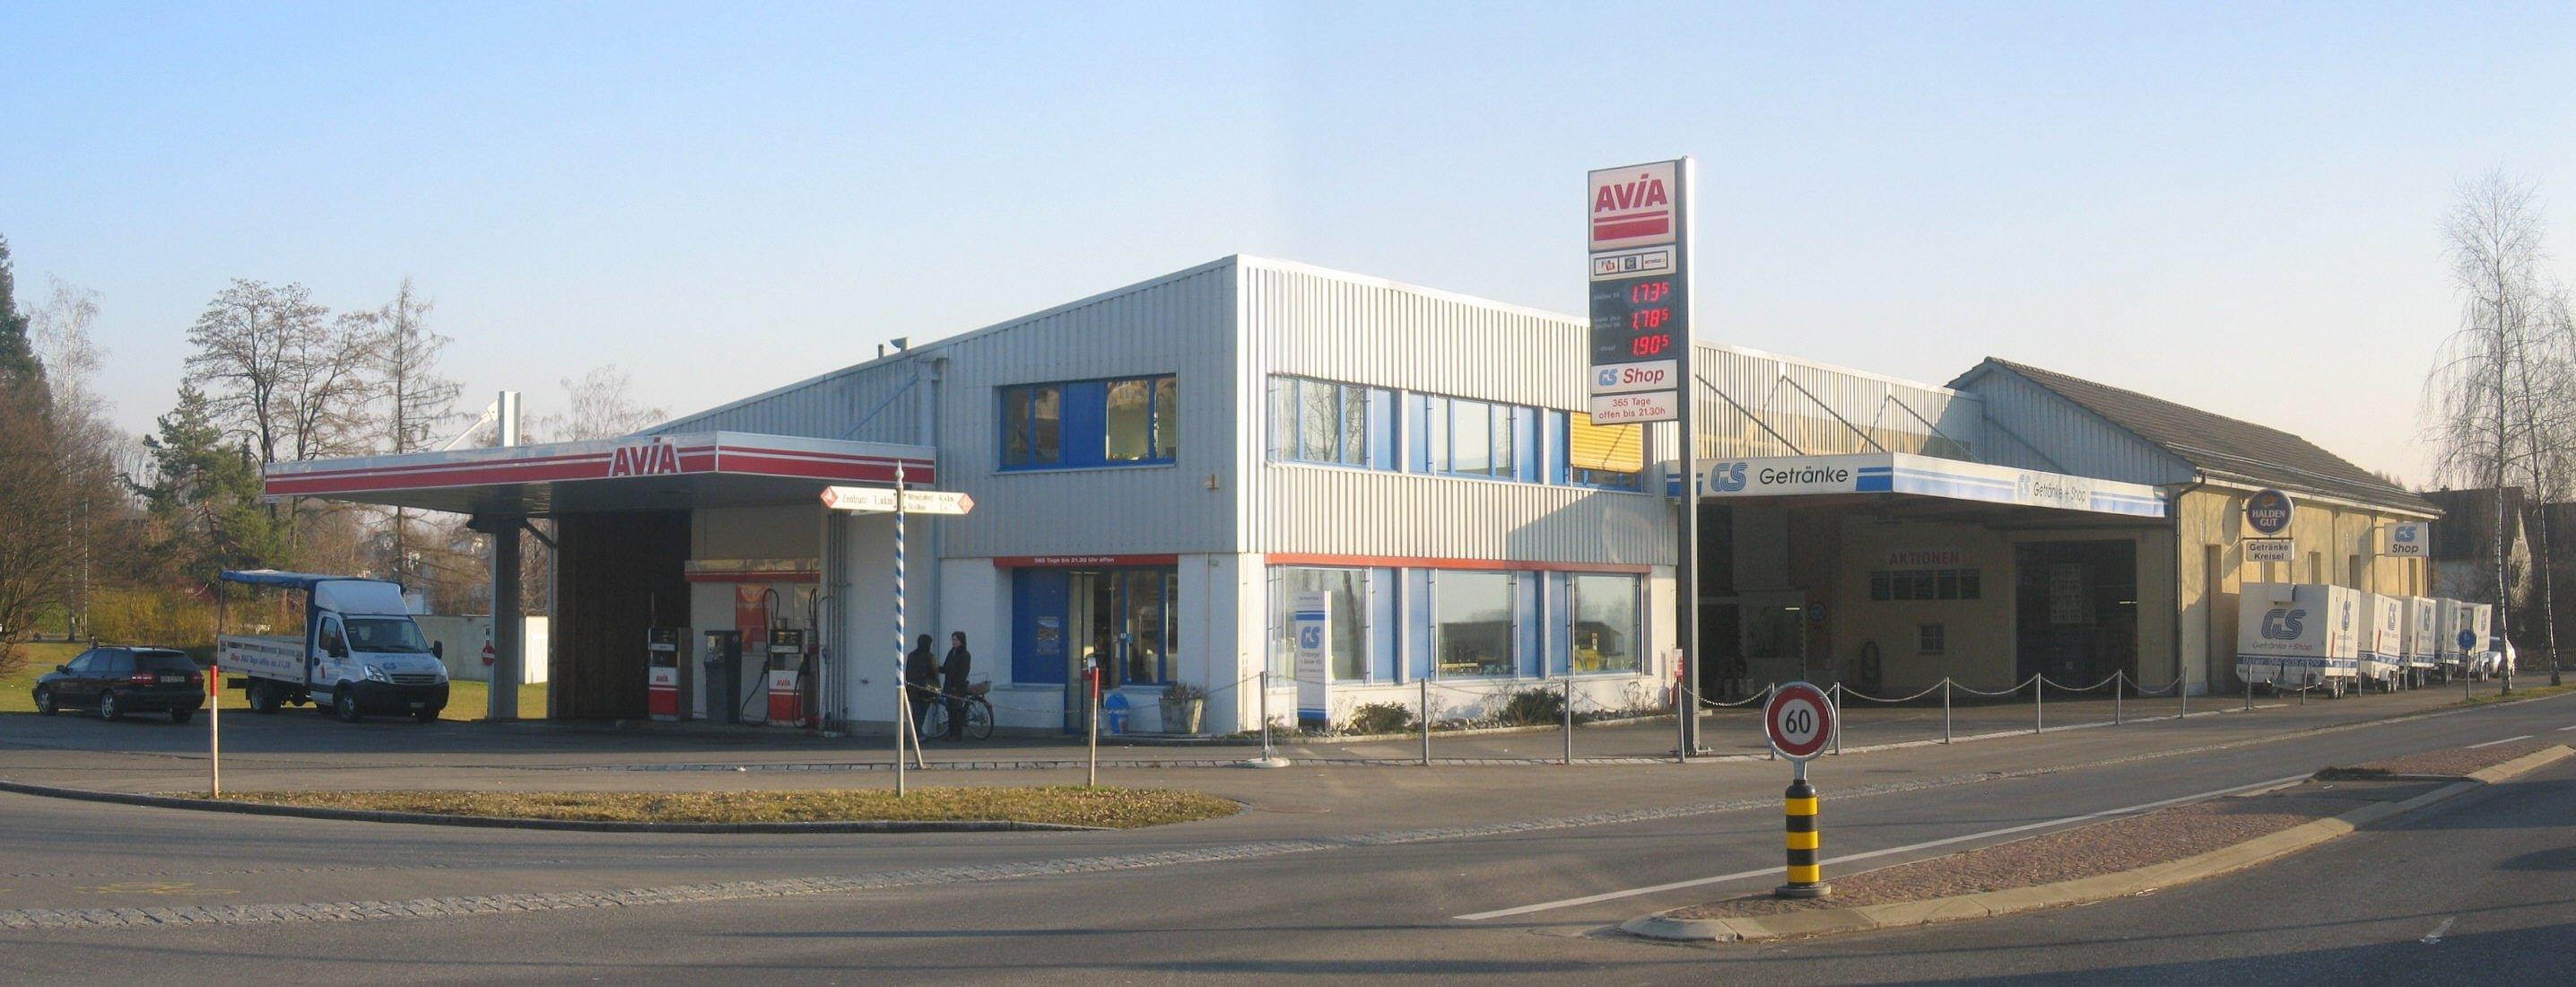 Girsberger & Sieber AG in Uster - Adresse & Öffnungszeiten auf local ...